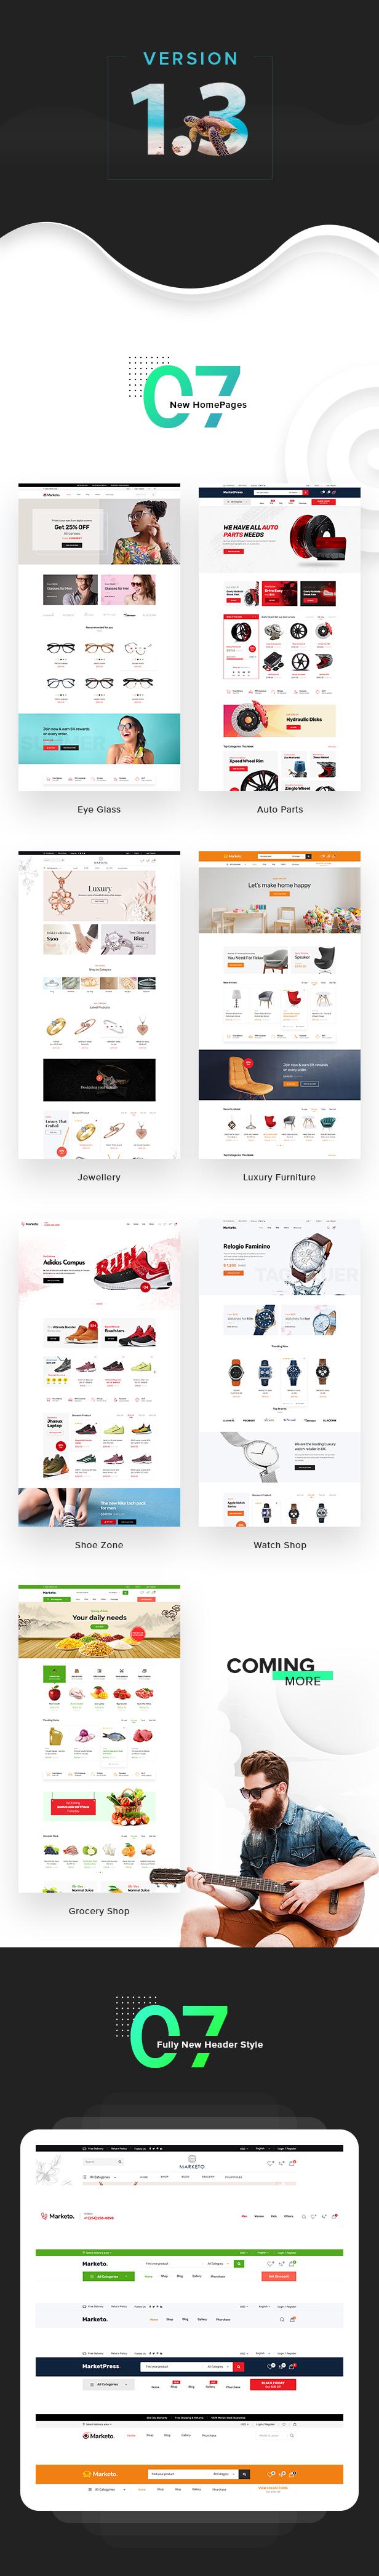 Marketo - eCommerce & Multivendor Marketplace Woocommerce WordPress Theme 5